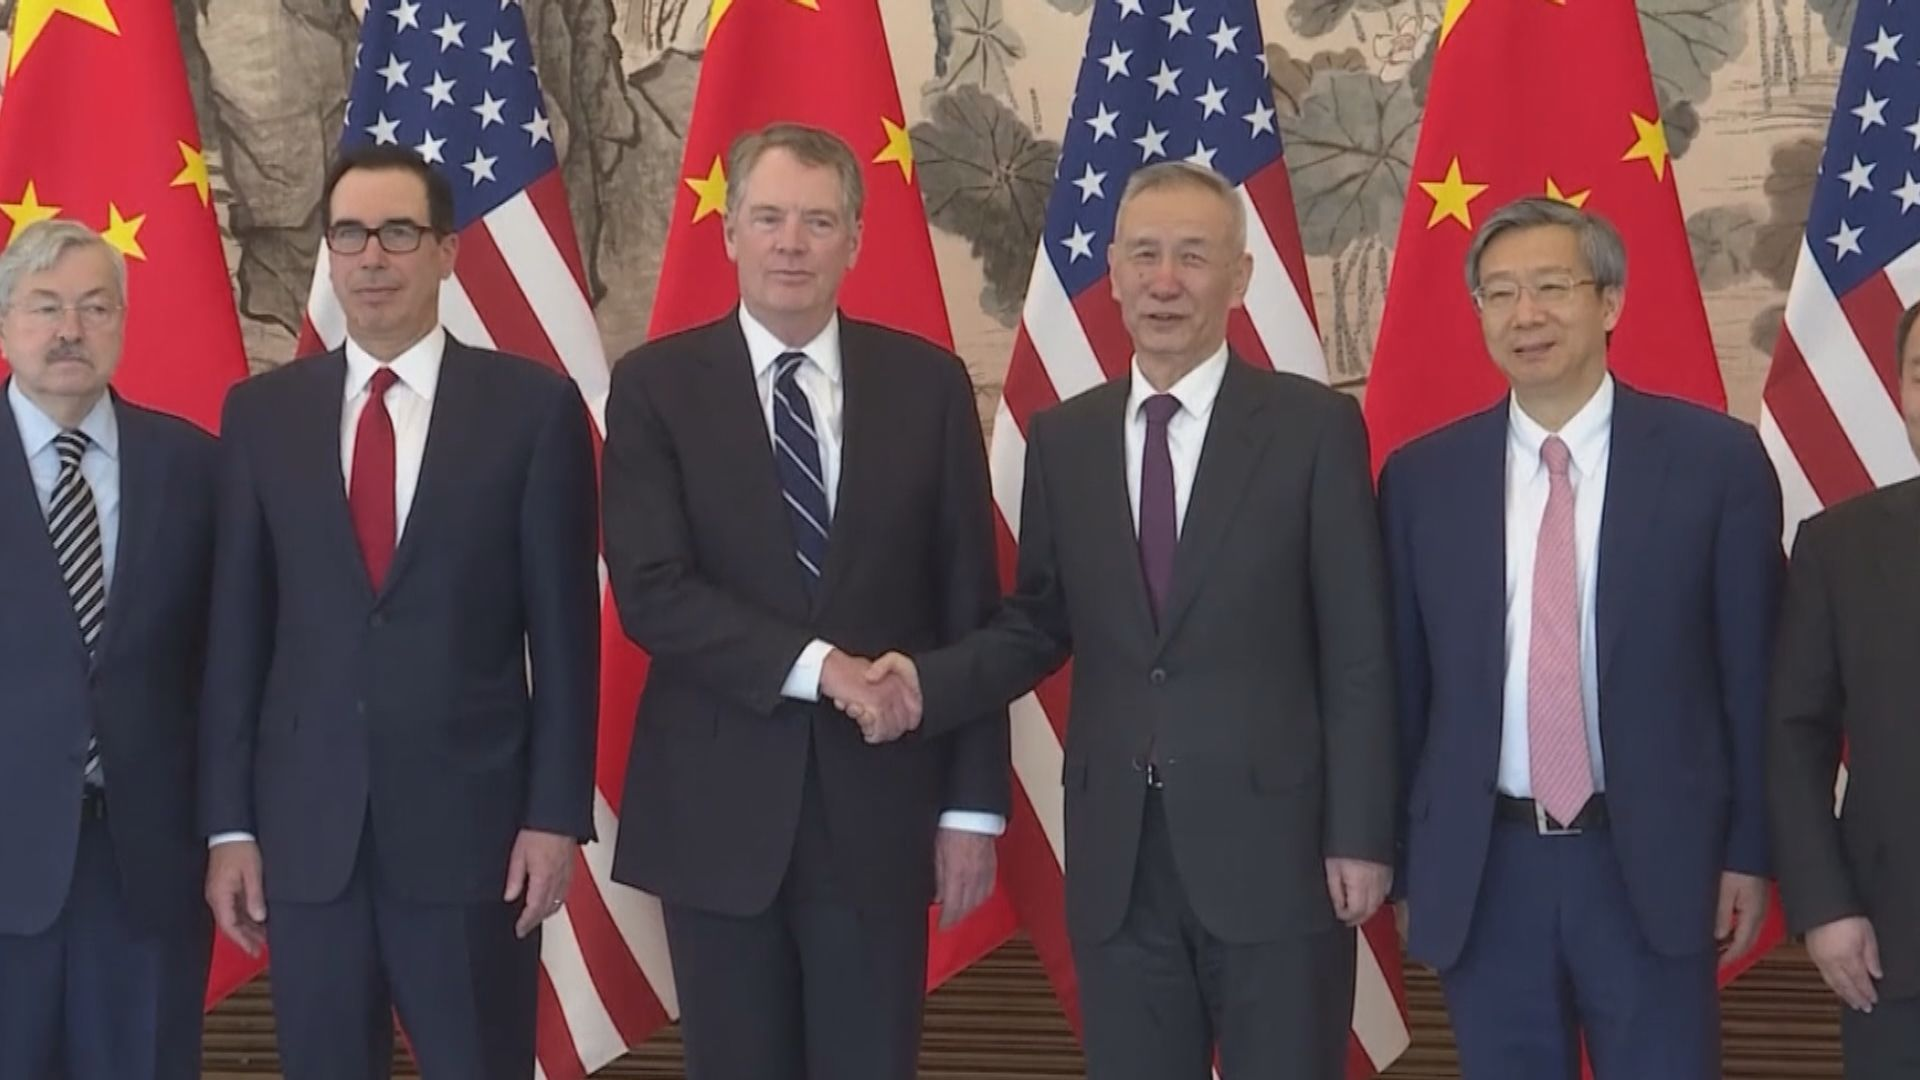 【中美貿戰】FT:中美已接近達成終極協議